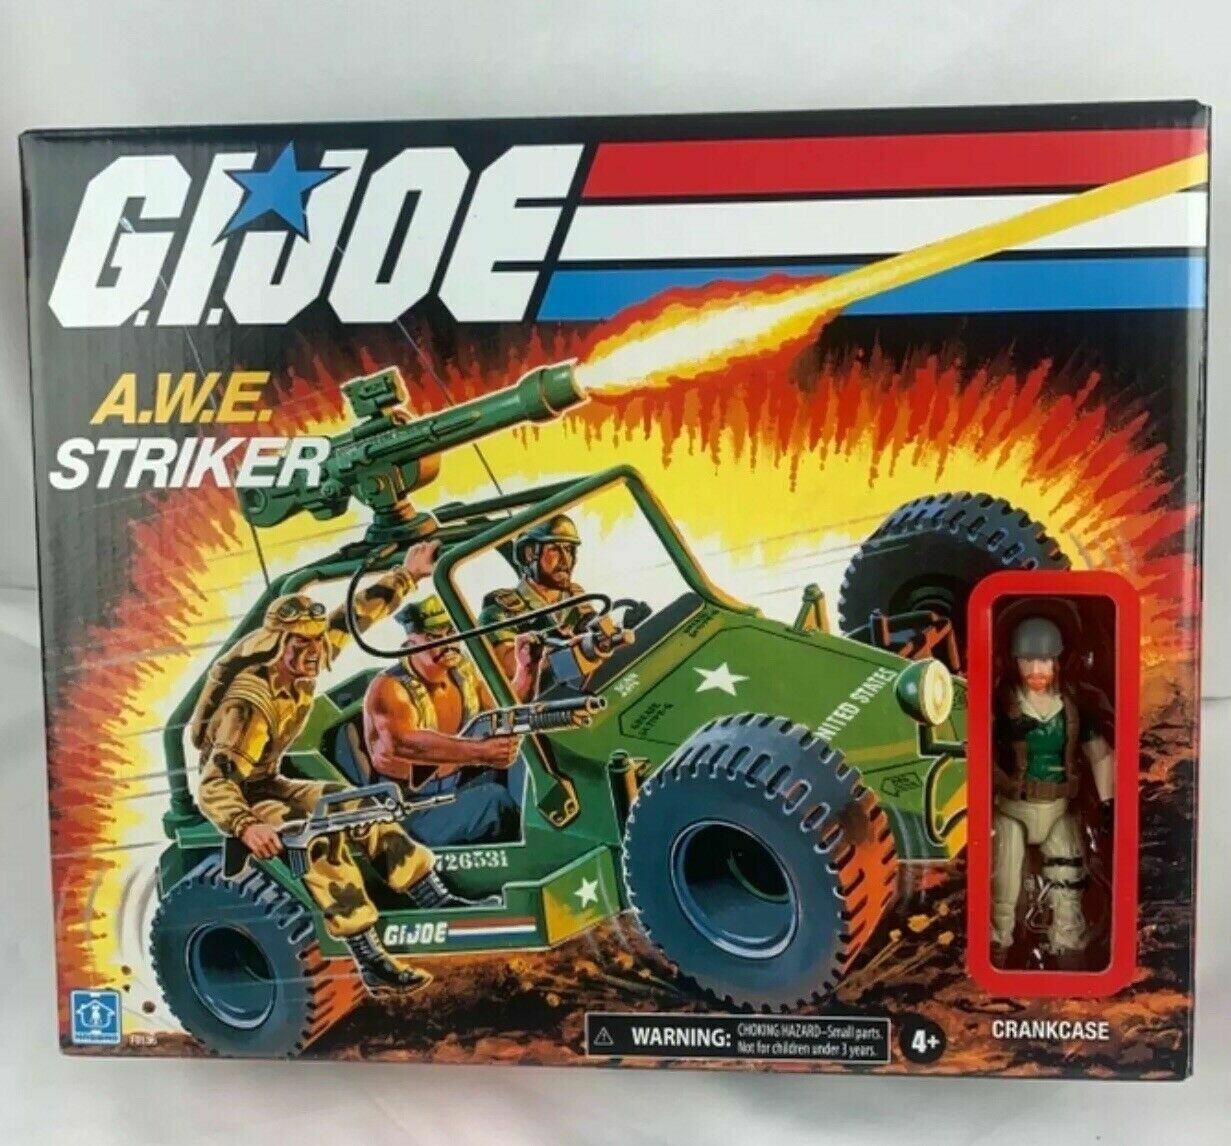 Gi Joe AWE Striker